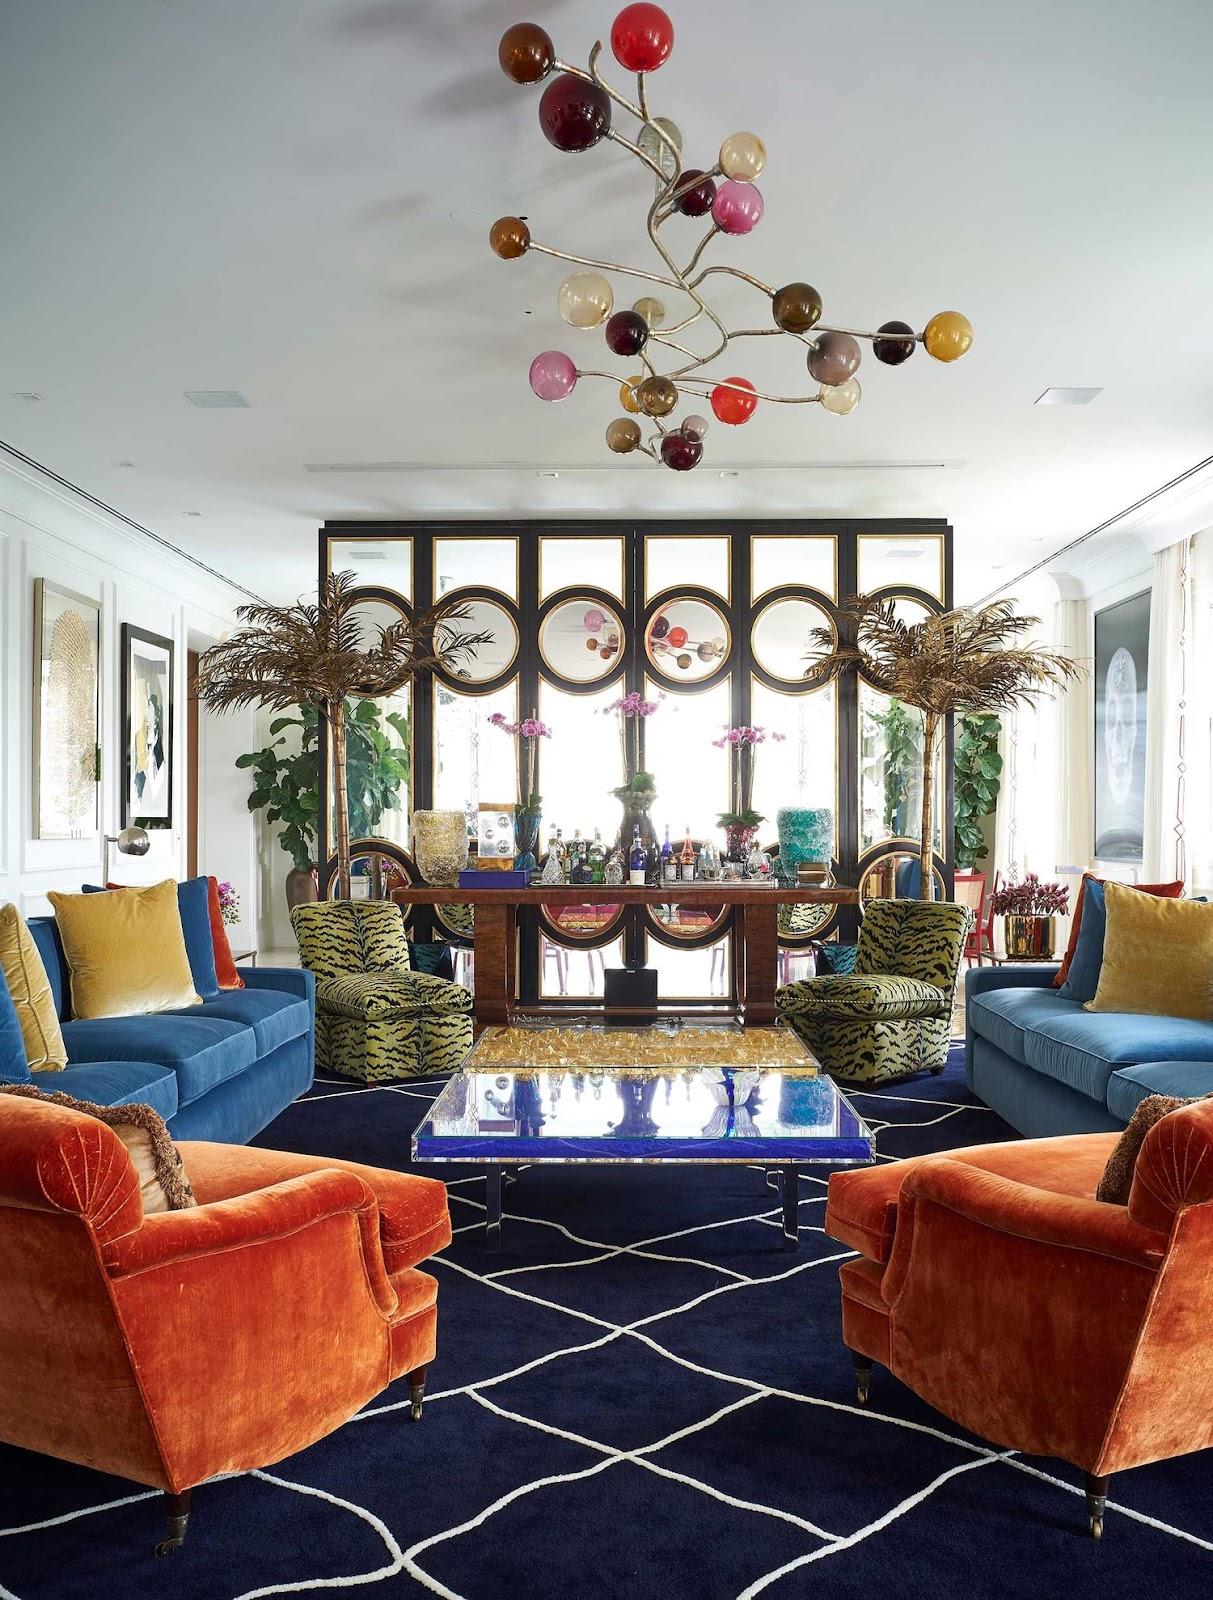 Ambiente com sofá azul, poltronas laranja e com estampa de onça, tapete azul.